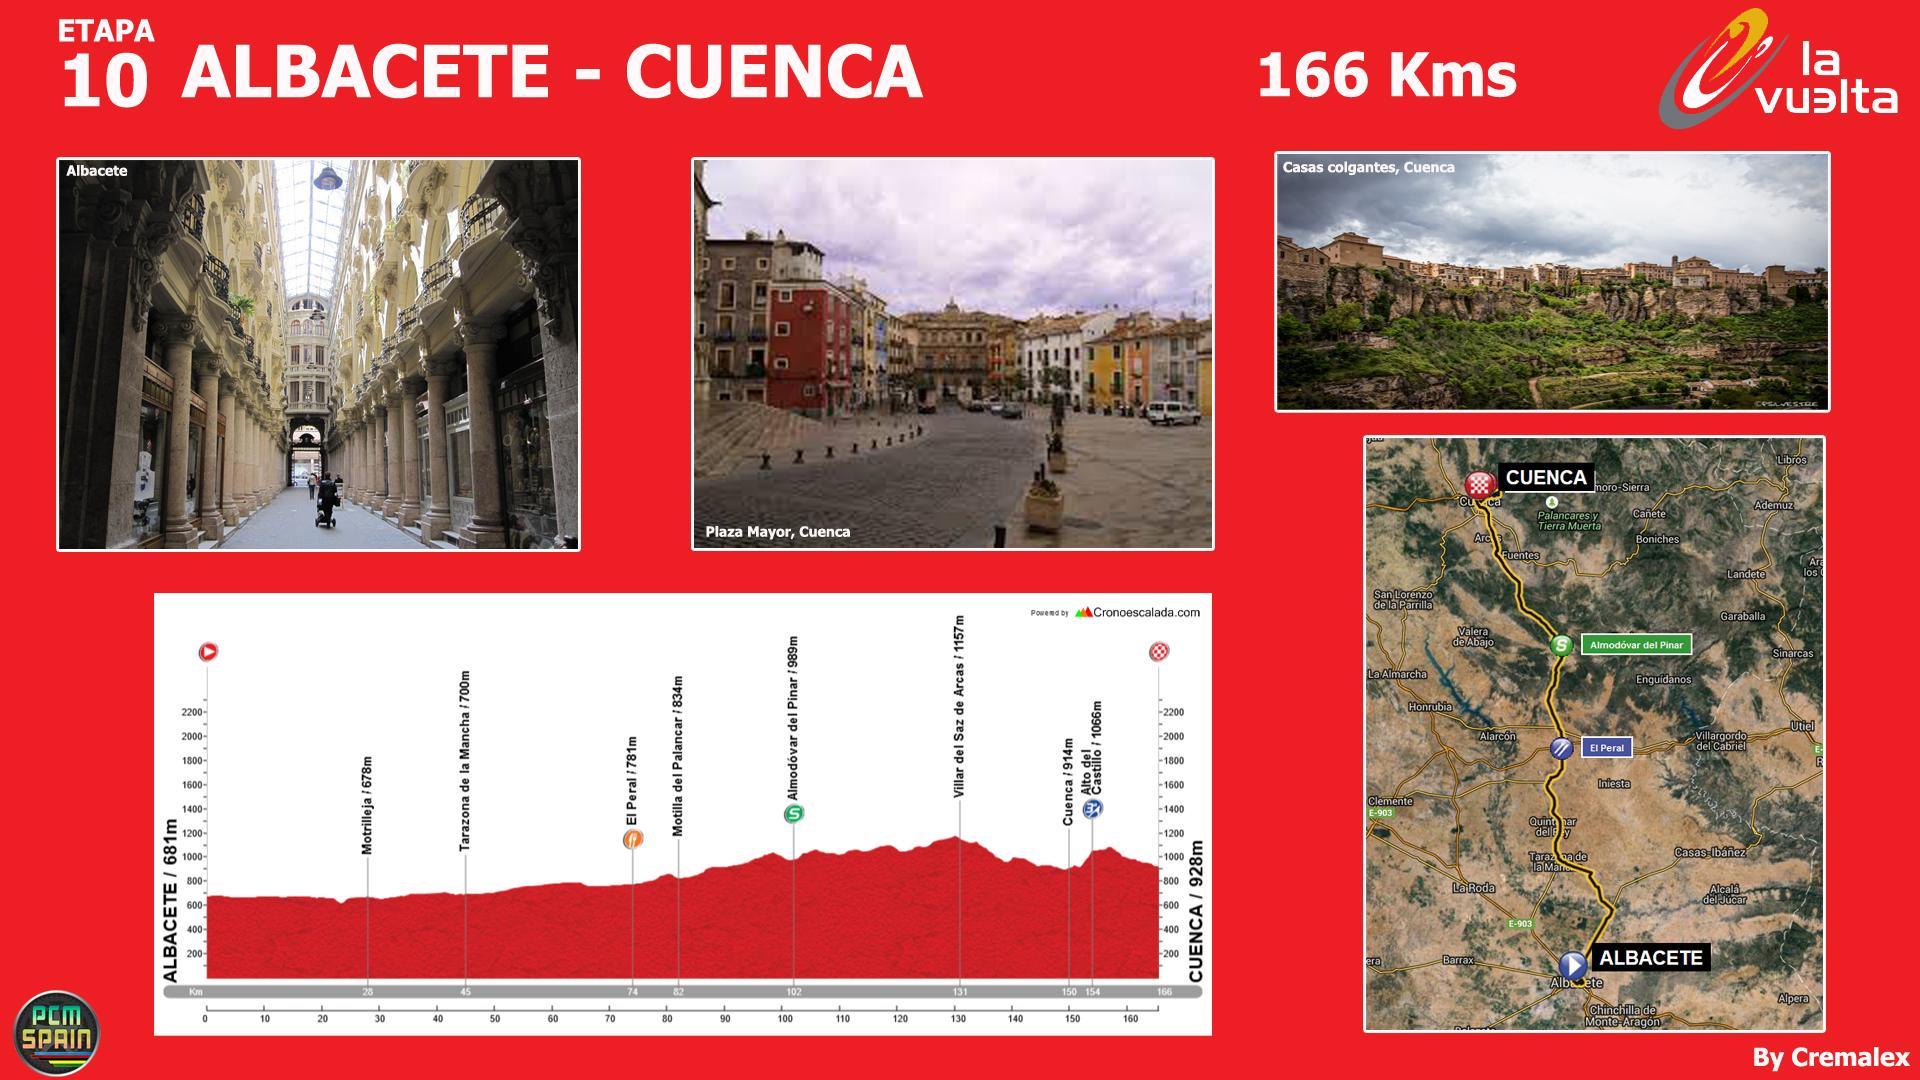 Concurso Vuelta a España 2015 - Página 6 764847Etapas10